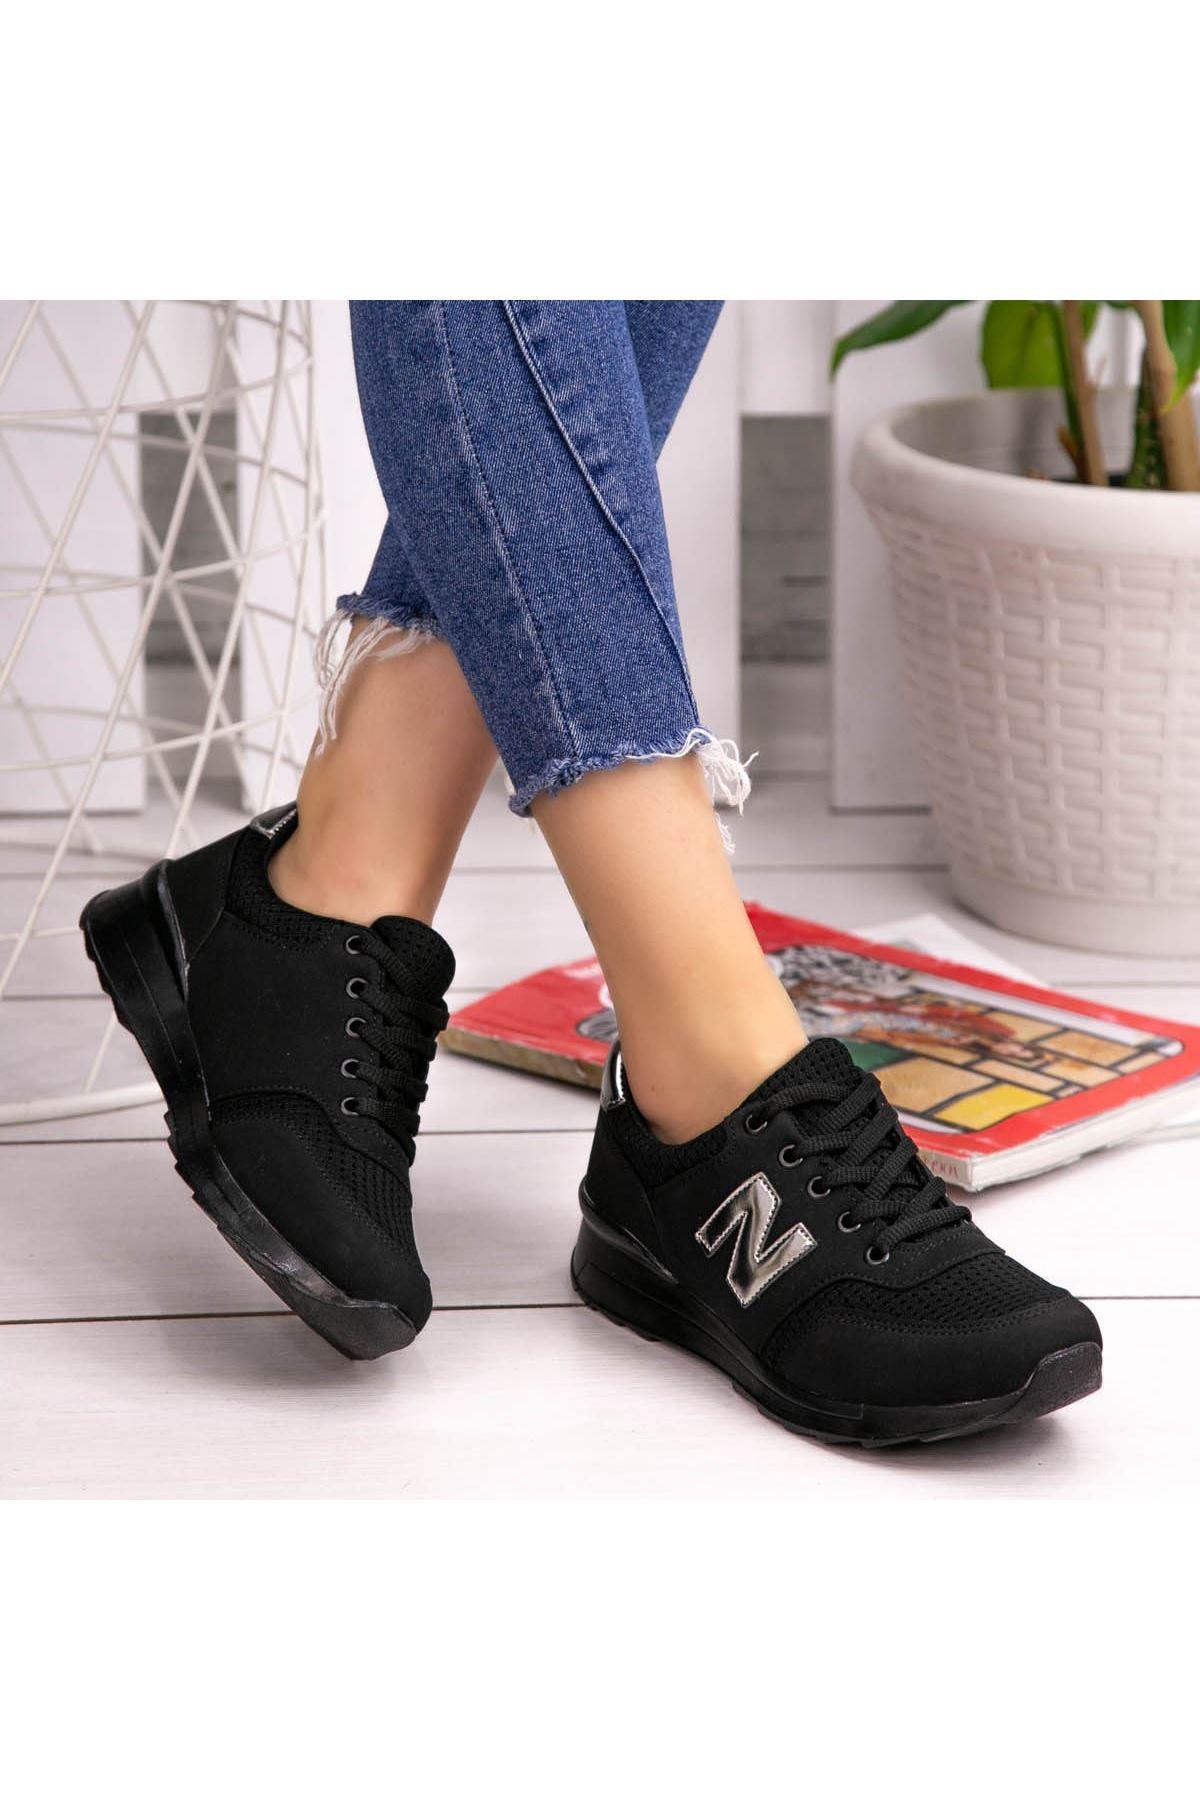 Serc Siyah Nubuk Fileli Bağcıklı Spor Ayakkabı